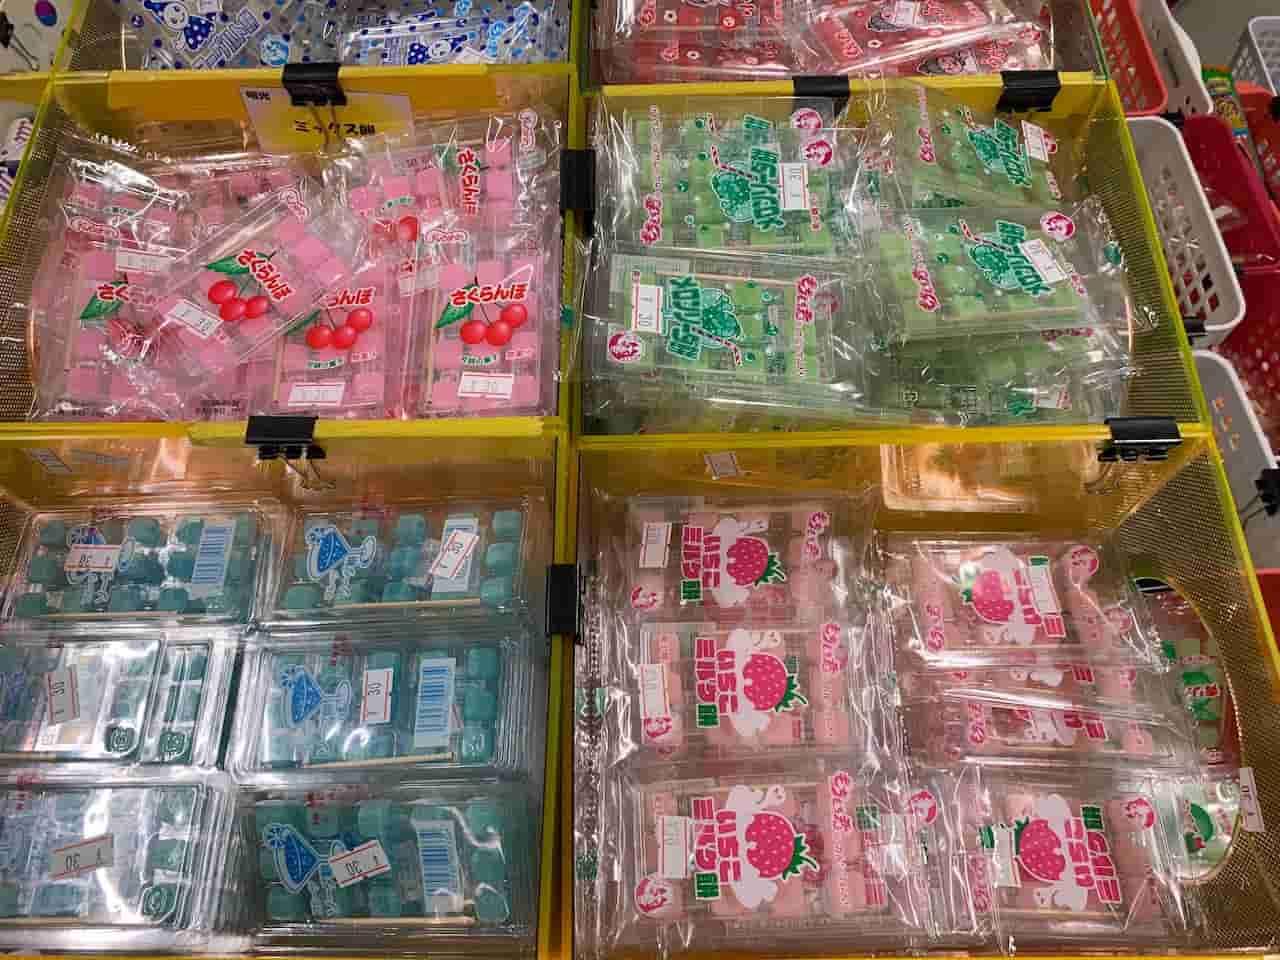 パッケージ単位で売られている駄菓子